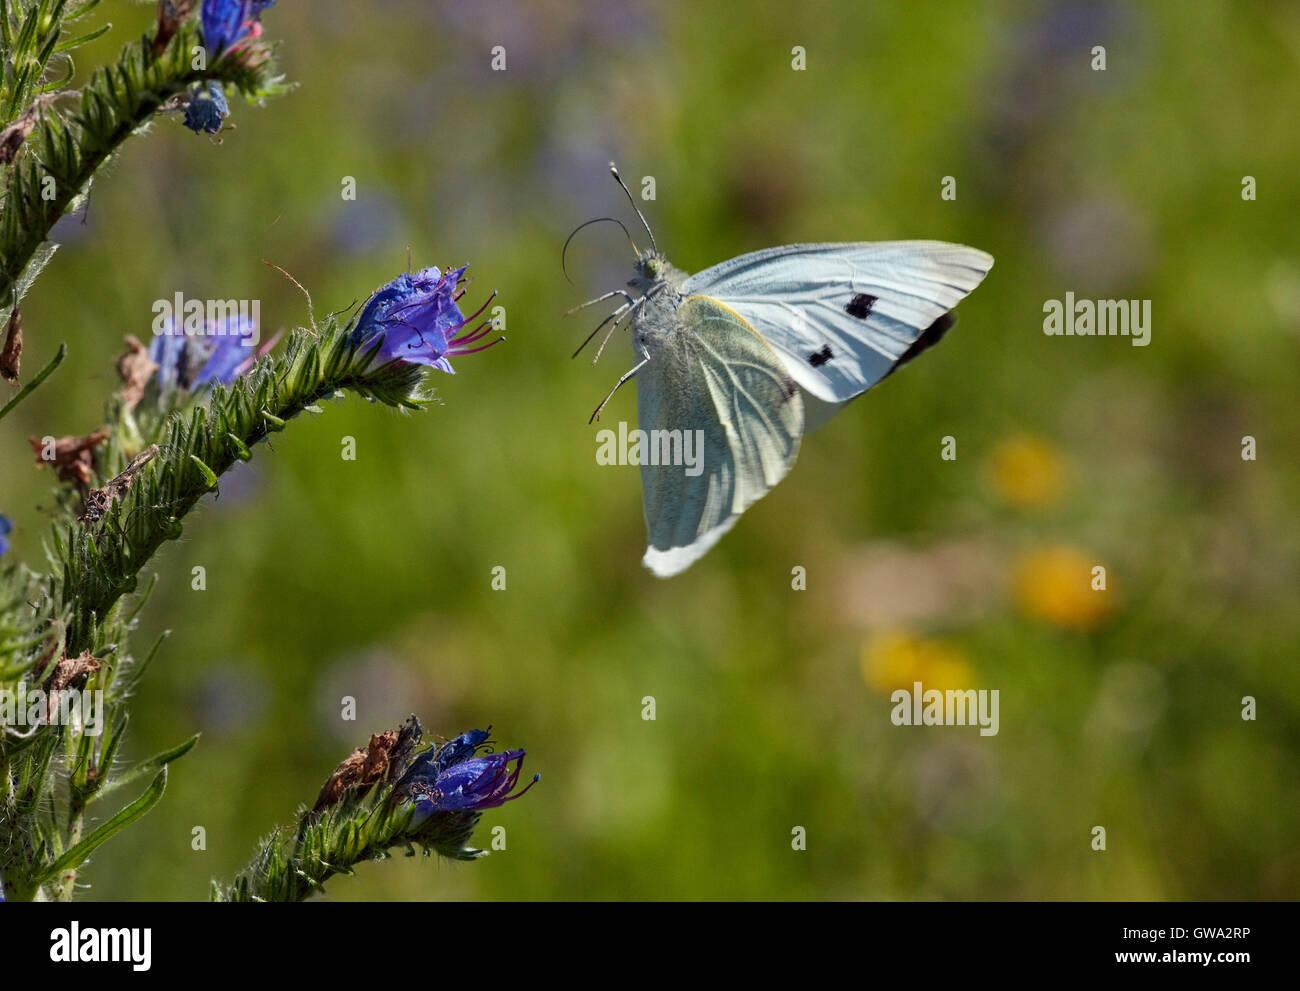 Large White Butterfly despegando de víbora bugloss flor. Imagen De Stock